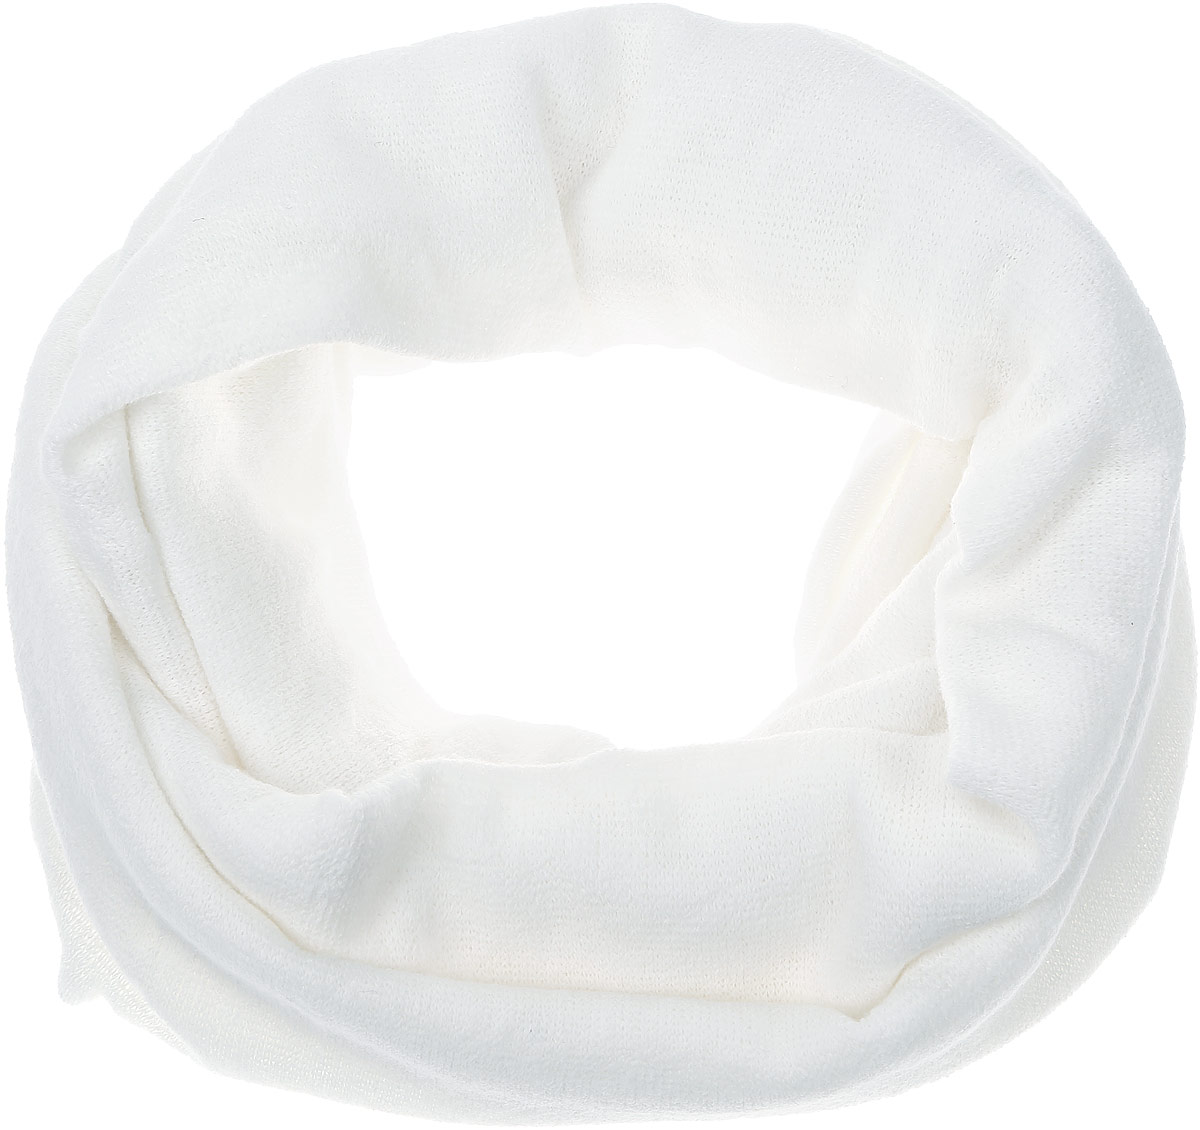 Снуд-хомут женский Vita Pelle, цвет: белый. V2505-А2. Размер 32 см х 154 смV2505-А2Женский вязаный снуд-хомут Vita Pelle станет отличным дополнением к гардеробу в холодную погоду. Изготовленный из высококачественной комбинированной пряжи, он необычайно мягкий и приятный на ощупь, максимально сохраняет тепло.Шарф-снуд мелкой вязки гармонично дополнит образ современной женщины, следящей за своим имиджем и стремящейся всегда оставаться стильной.